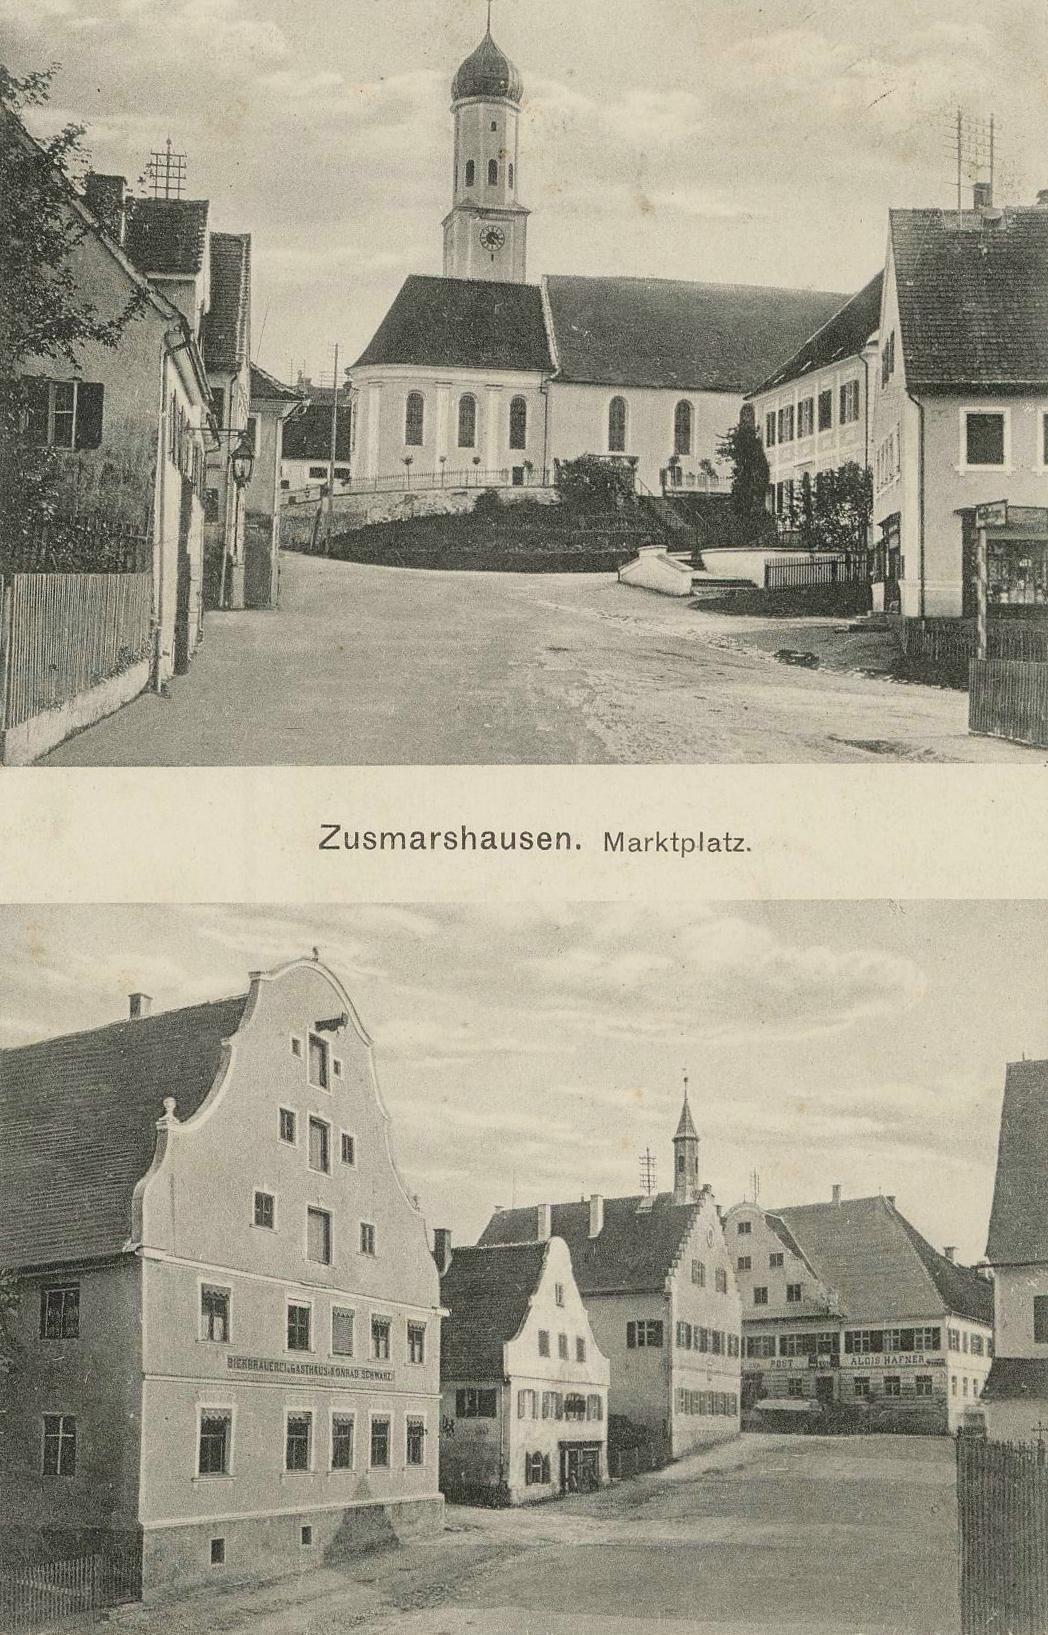 Zusmarshausen Marktplatz mit Kirche und Rathaus